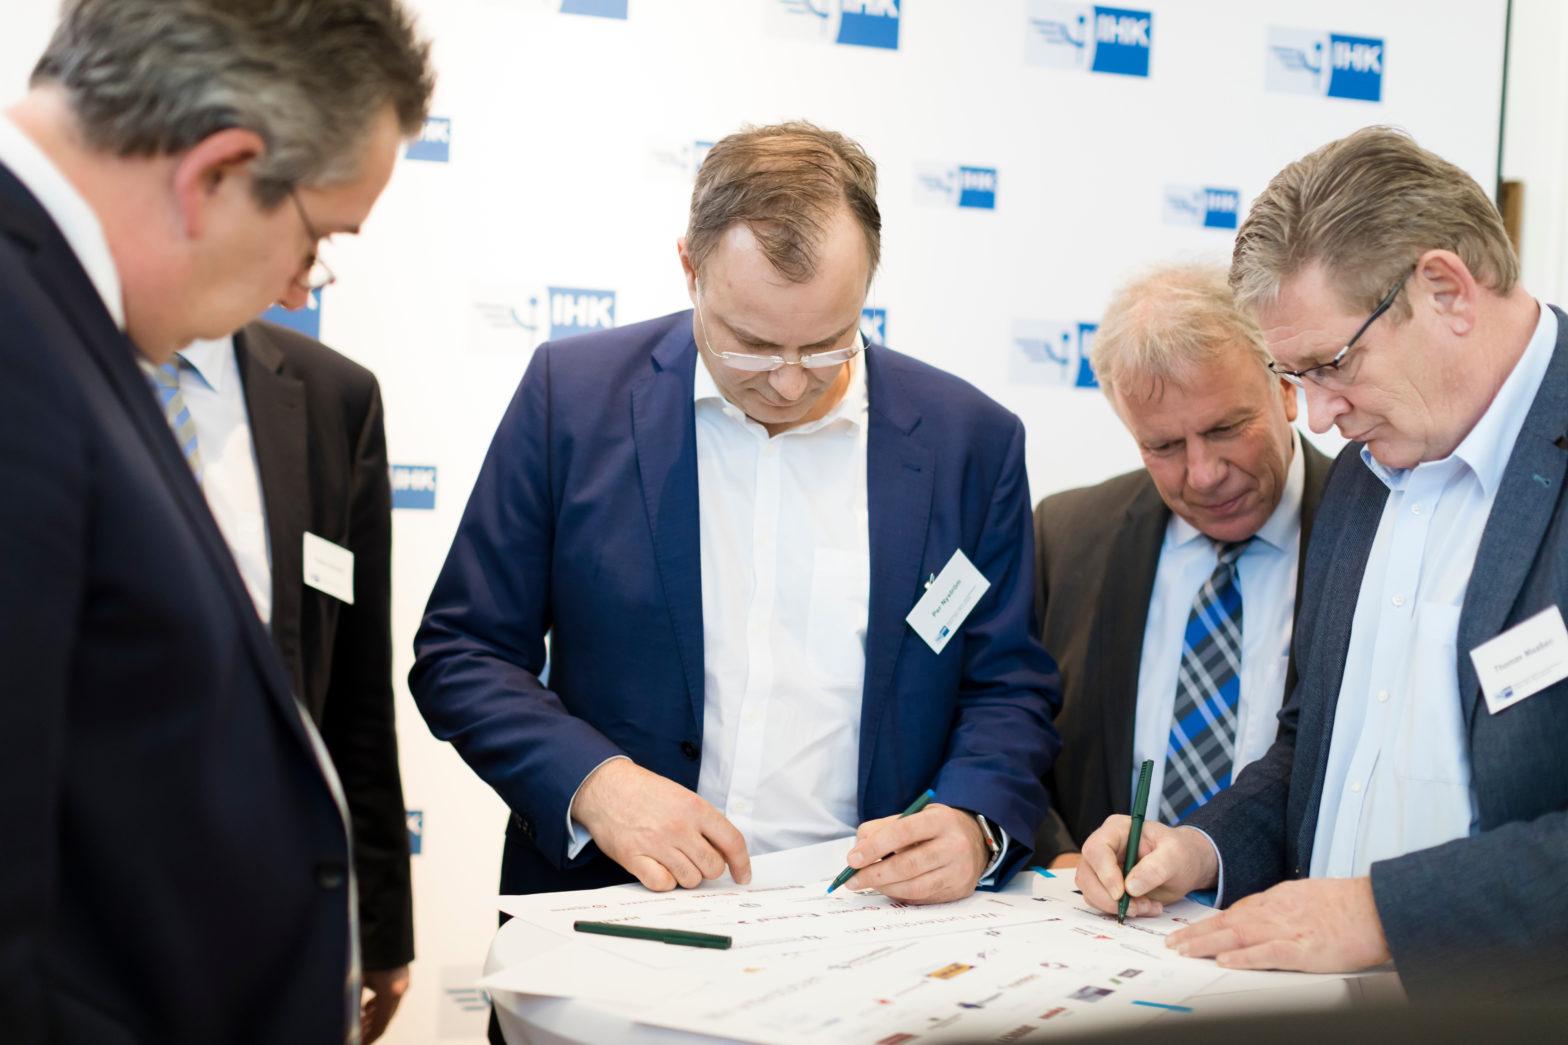 Per Nyströmund Thomas Maaßen bei der #GemeinsamMobil für Duisburg und Niederrhein - Gründungsveranstaltung am 14. Januar 2019